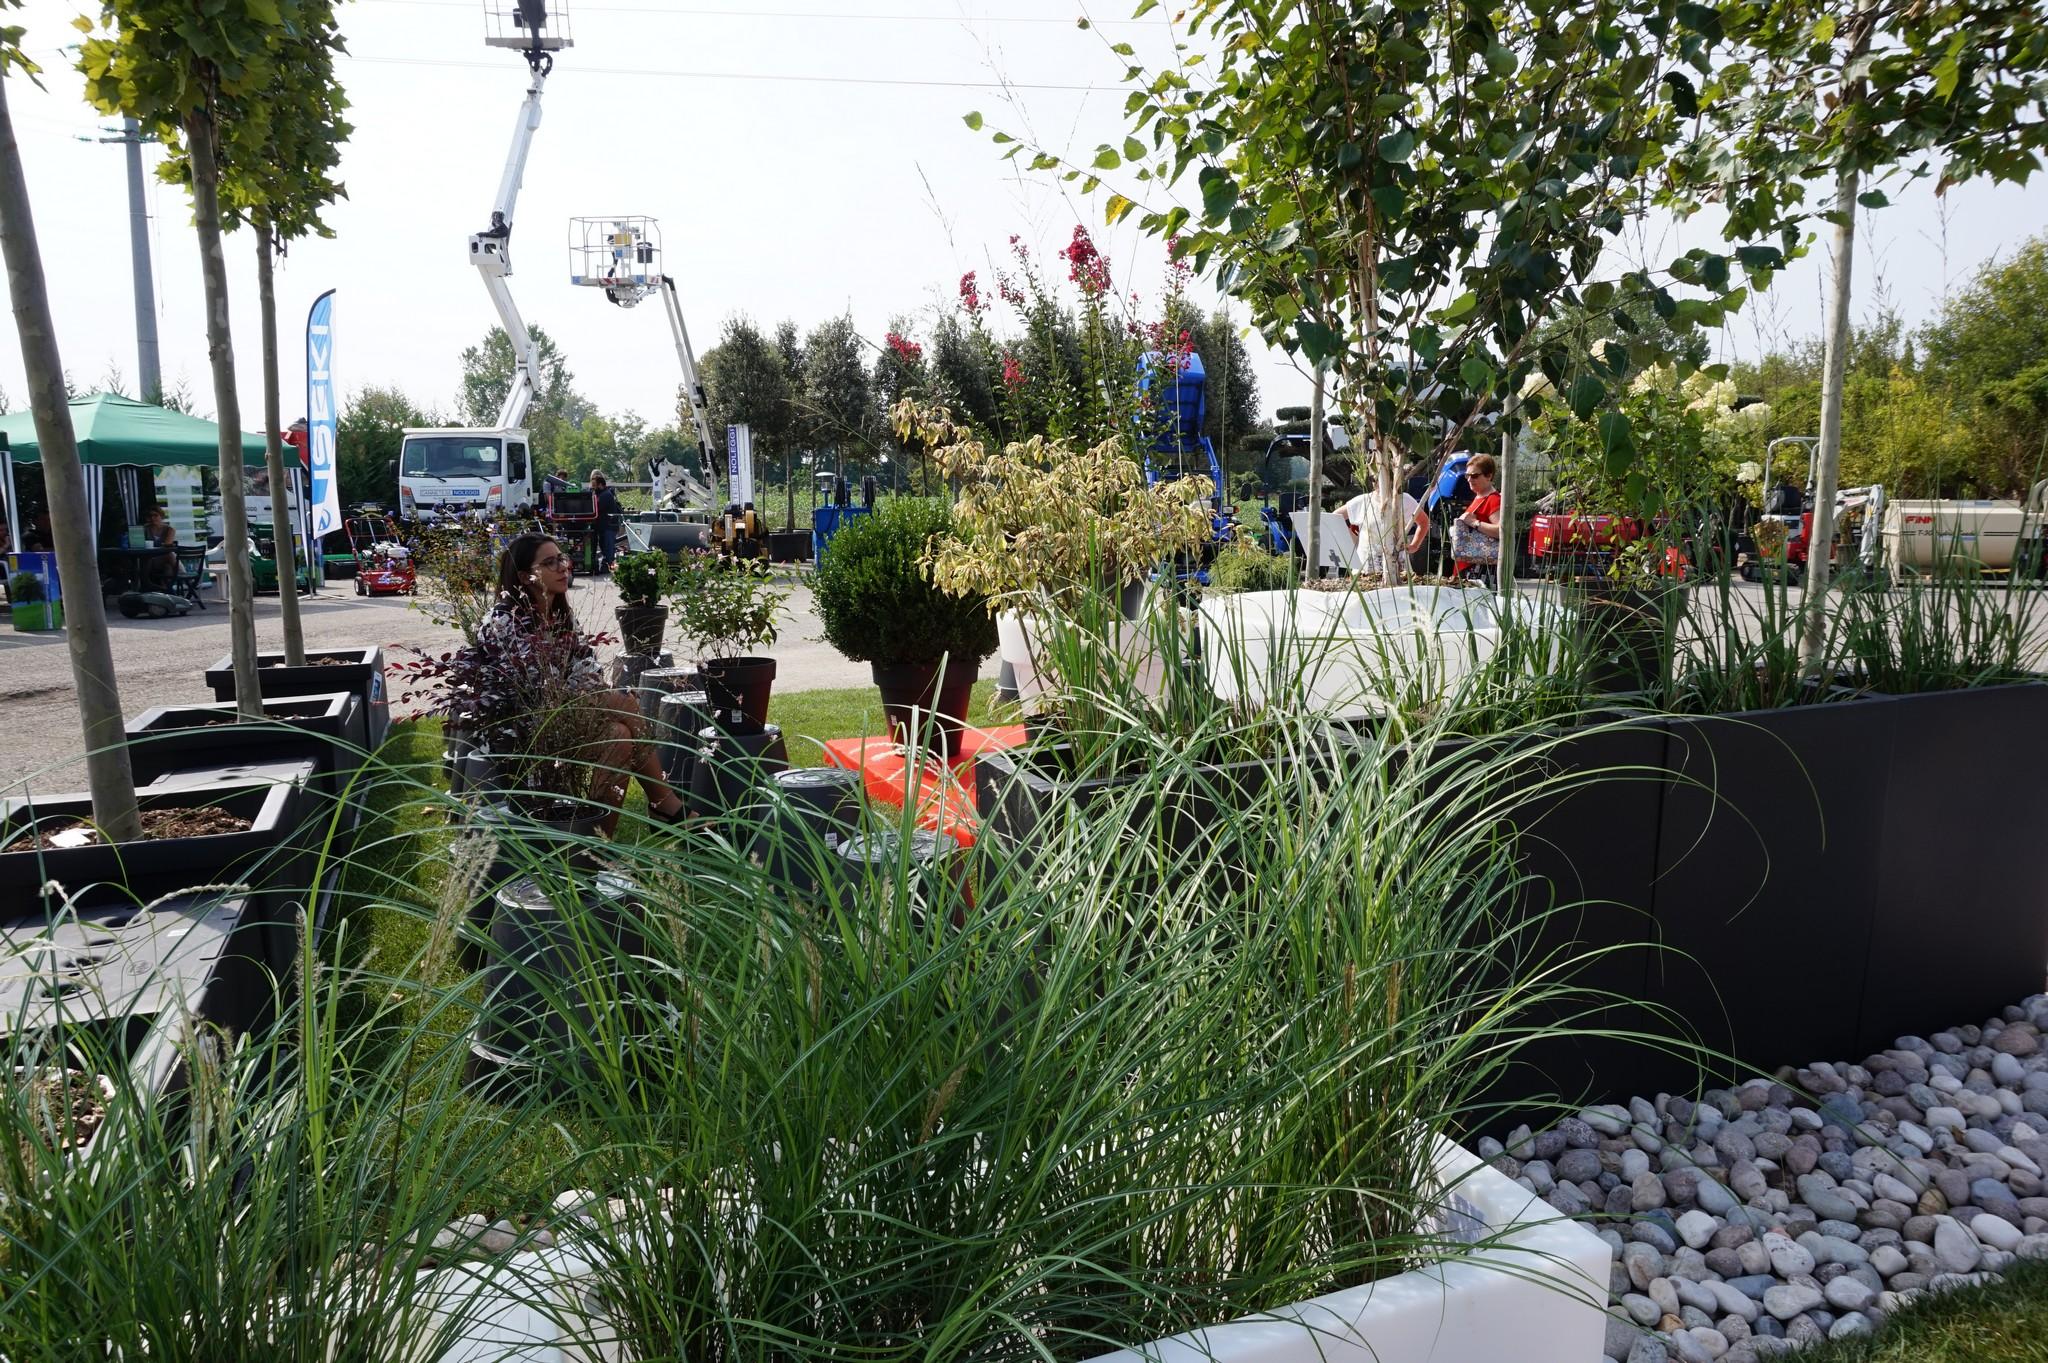 Concorso giardini Verdeggiando_95 Fashion Green Parade (7GKW3) DM Landscape Marica Succi e Domenico Dipinto